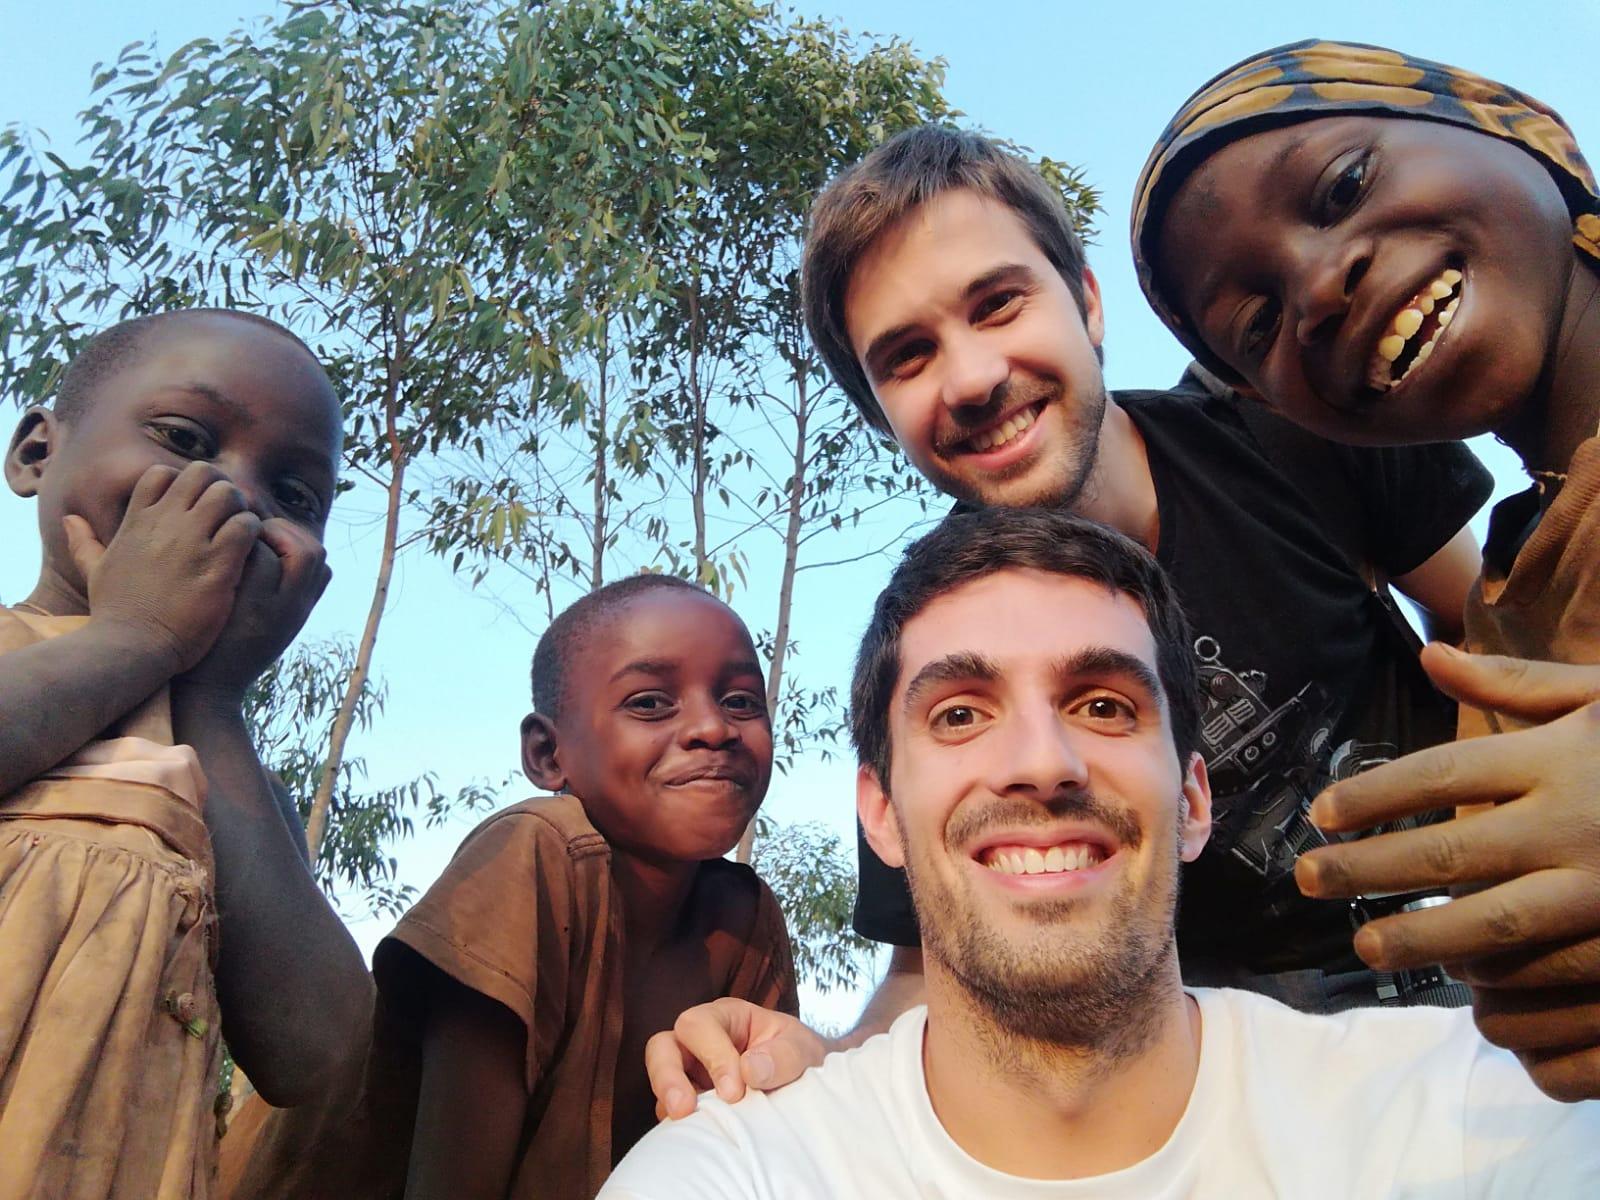 Davide Gorgi ed il suo collega in Burundi insieme a dei locali